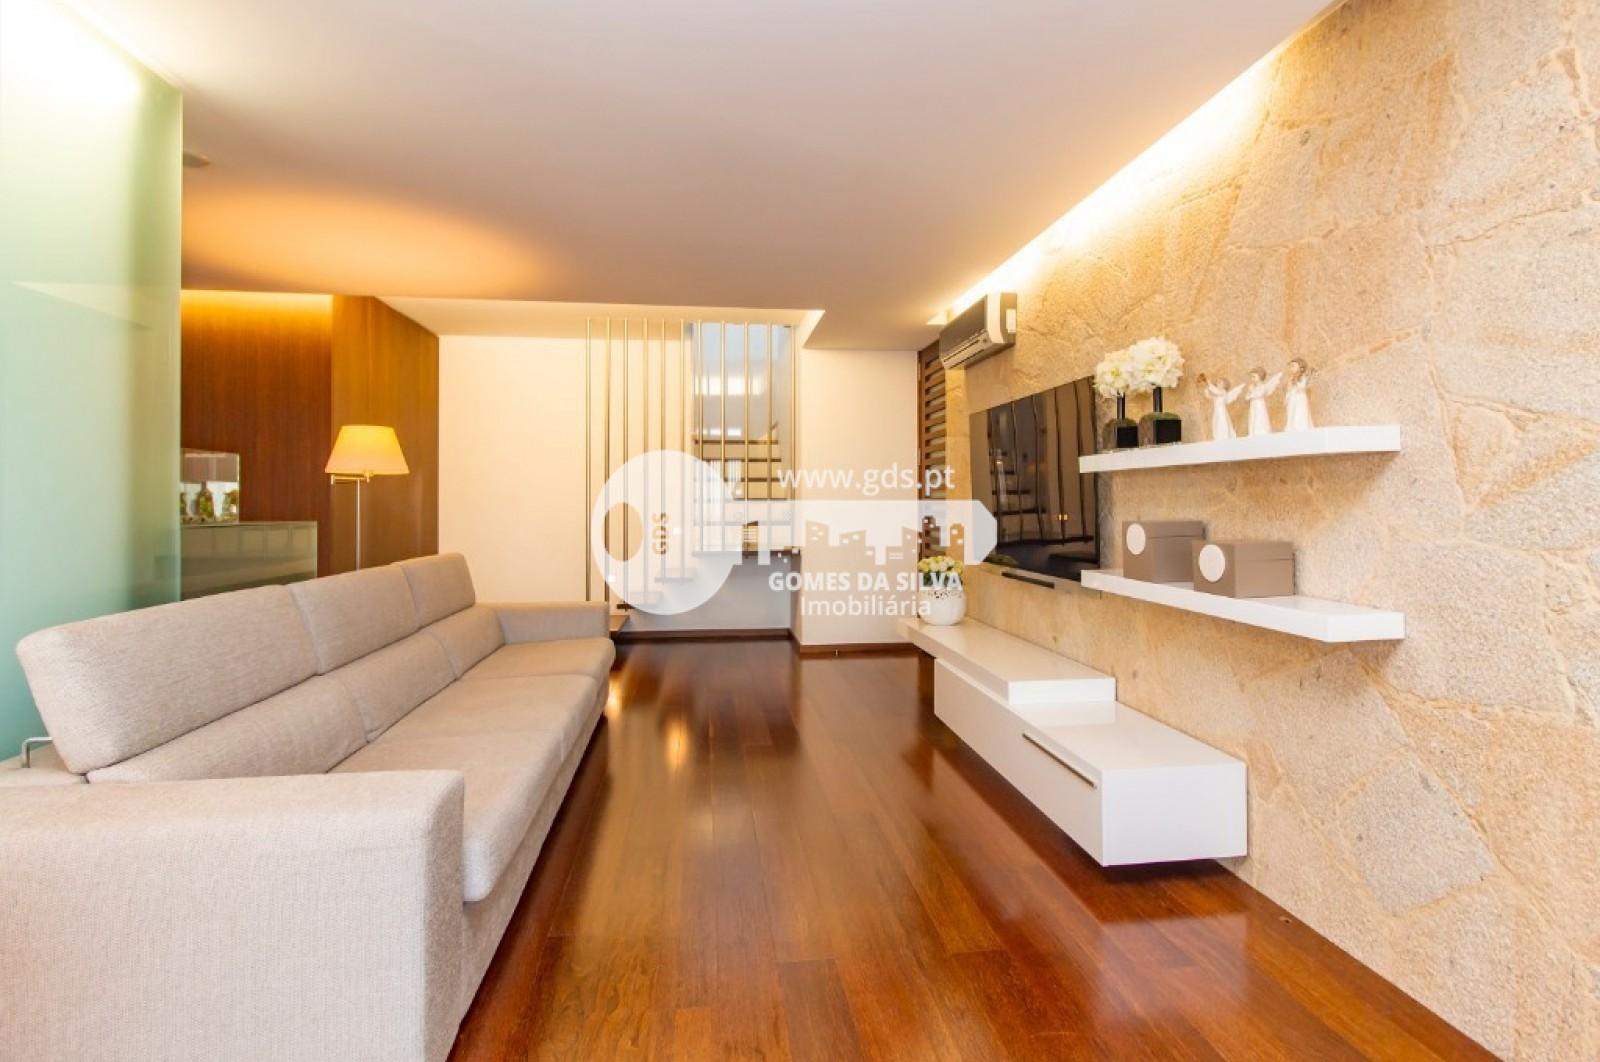 Apartamento T3 para Venda em Nogueira, Fraião e Lamaçães, Braga, Braga - Imagem 14